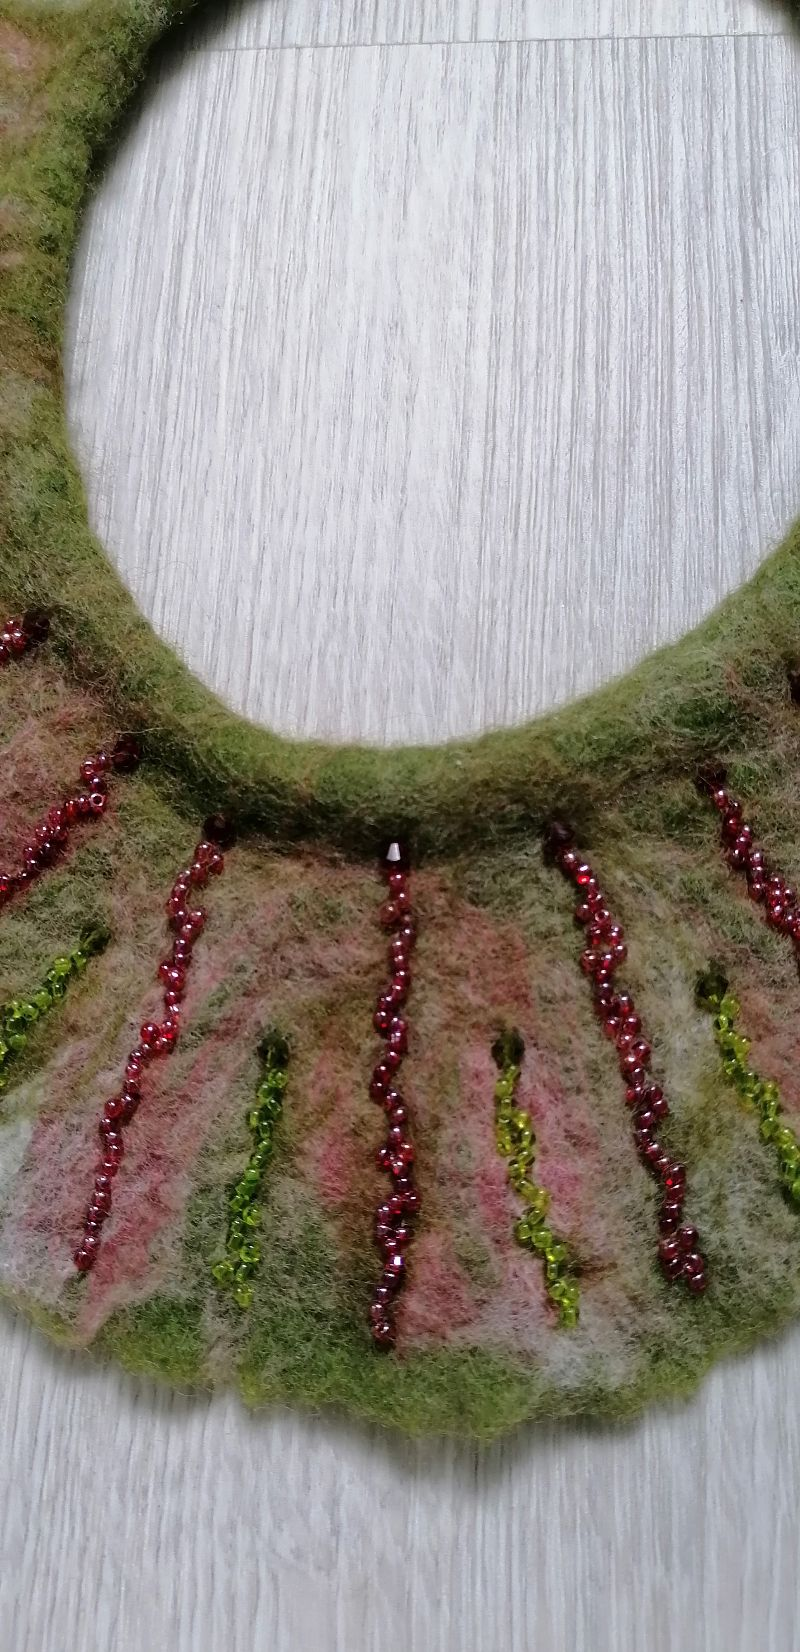 Kleinesbild -  Gefilzte Halskette,Halsband für Damen . Grün-rot Schmuckstück aus Wolle handgefertigt.Perfekte Geschenk für einen besonderen Menschen.